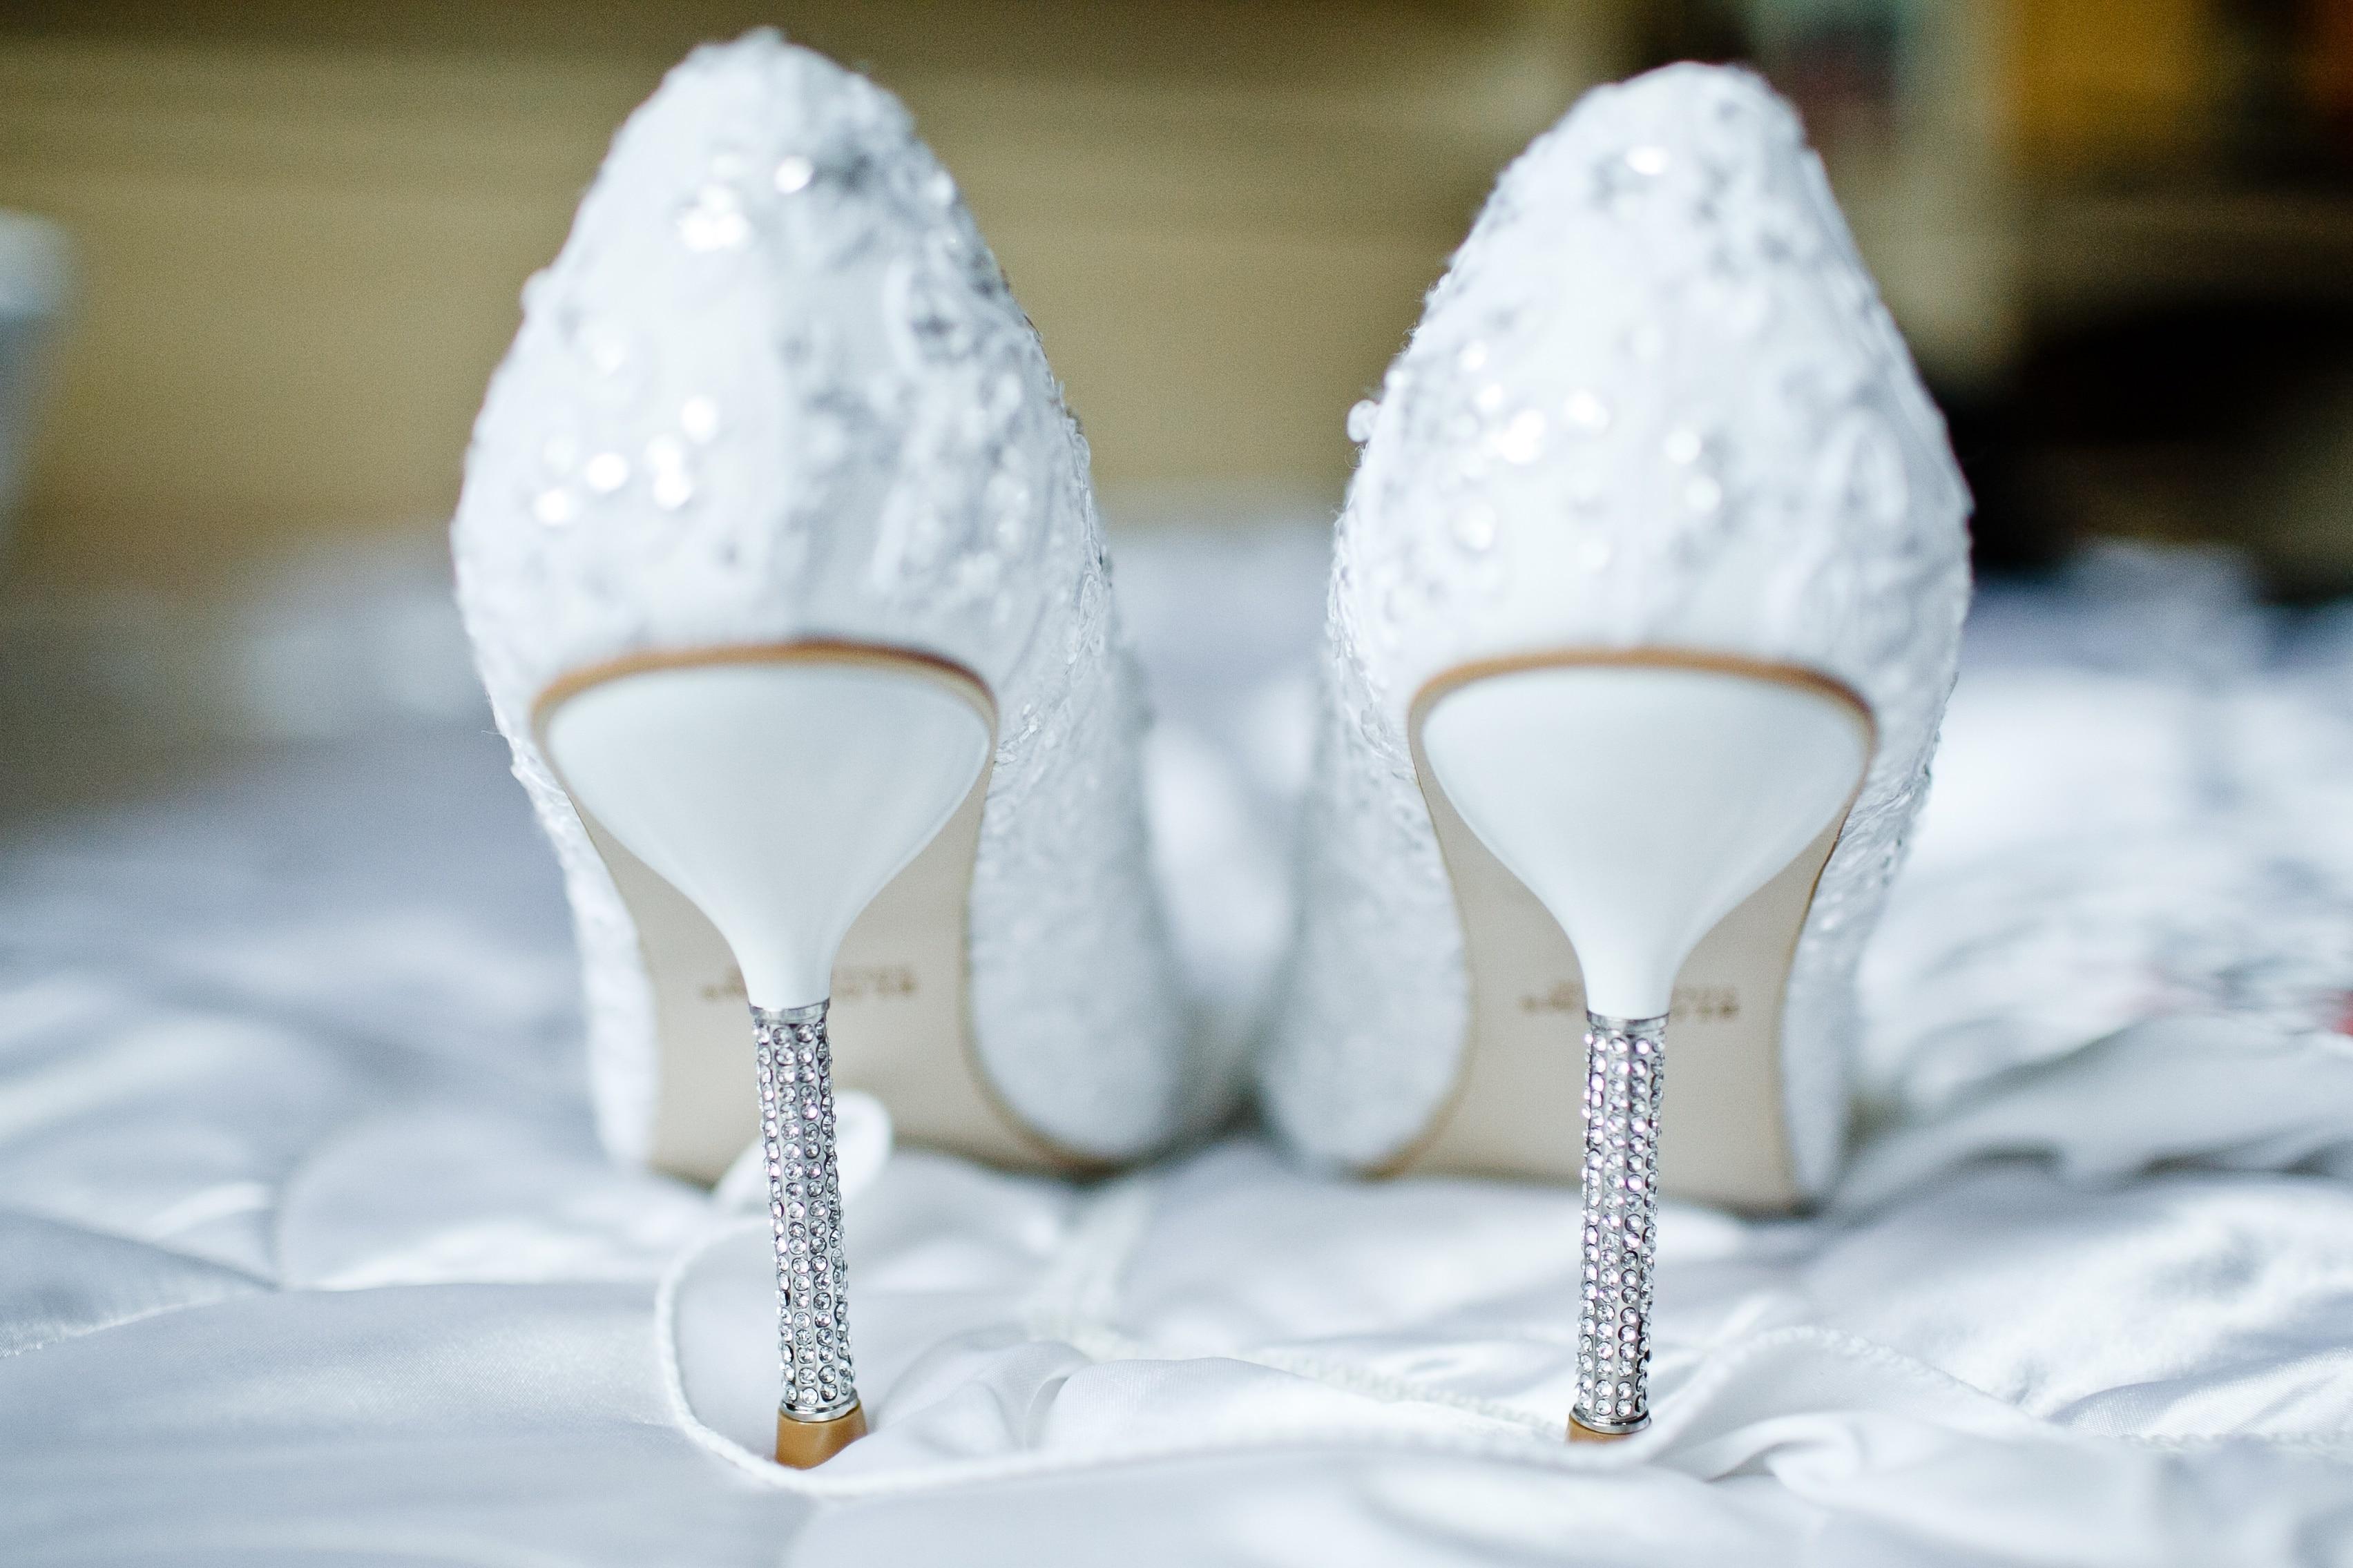 Talons de mariage : du diamant!